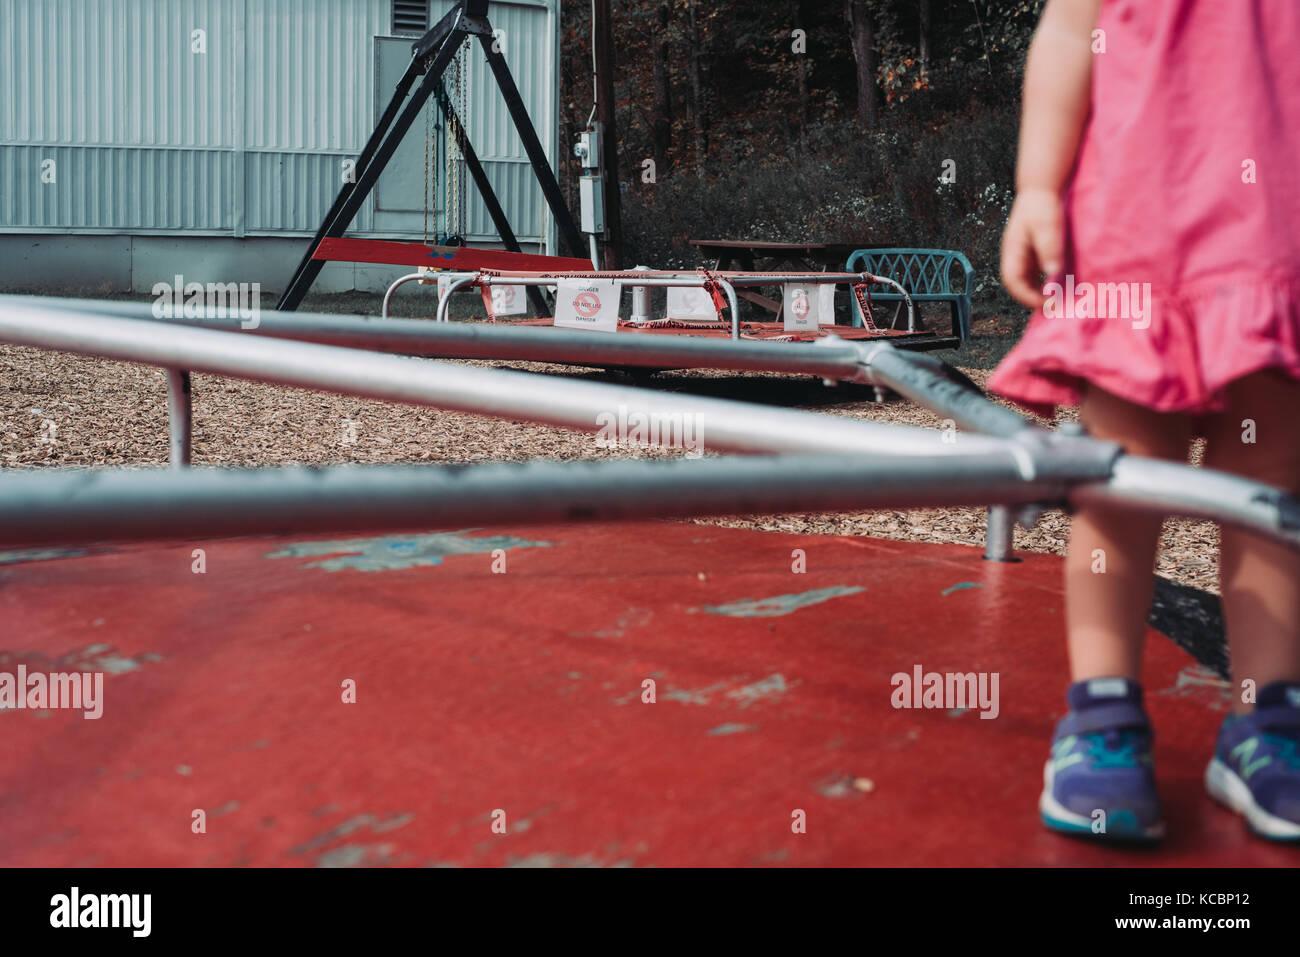 Un niño se levanta sobre un merry go round de bajos ingresos playground Imagen De Stock